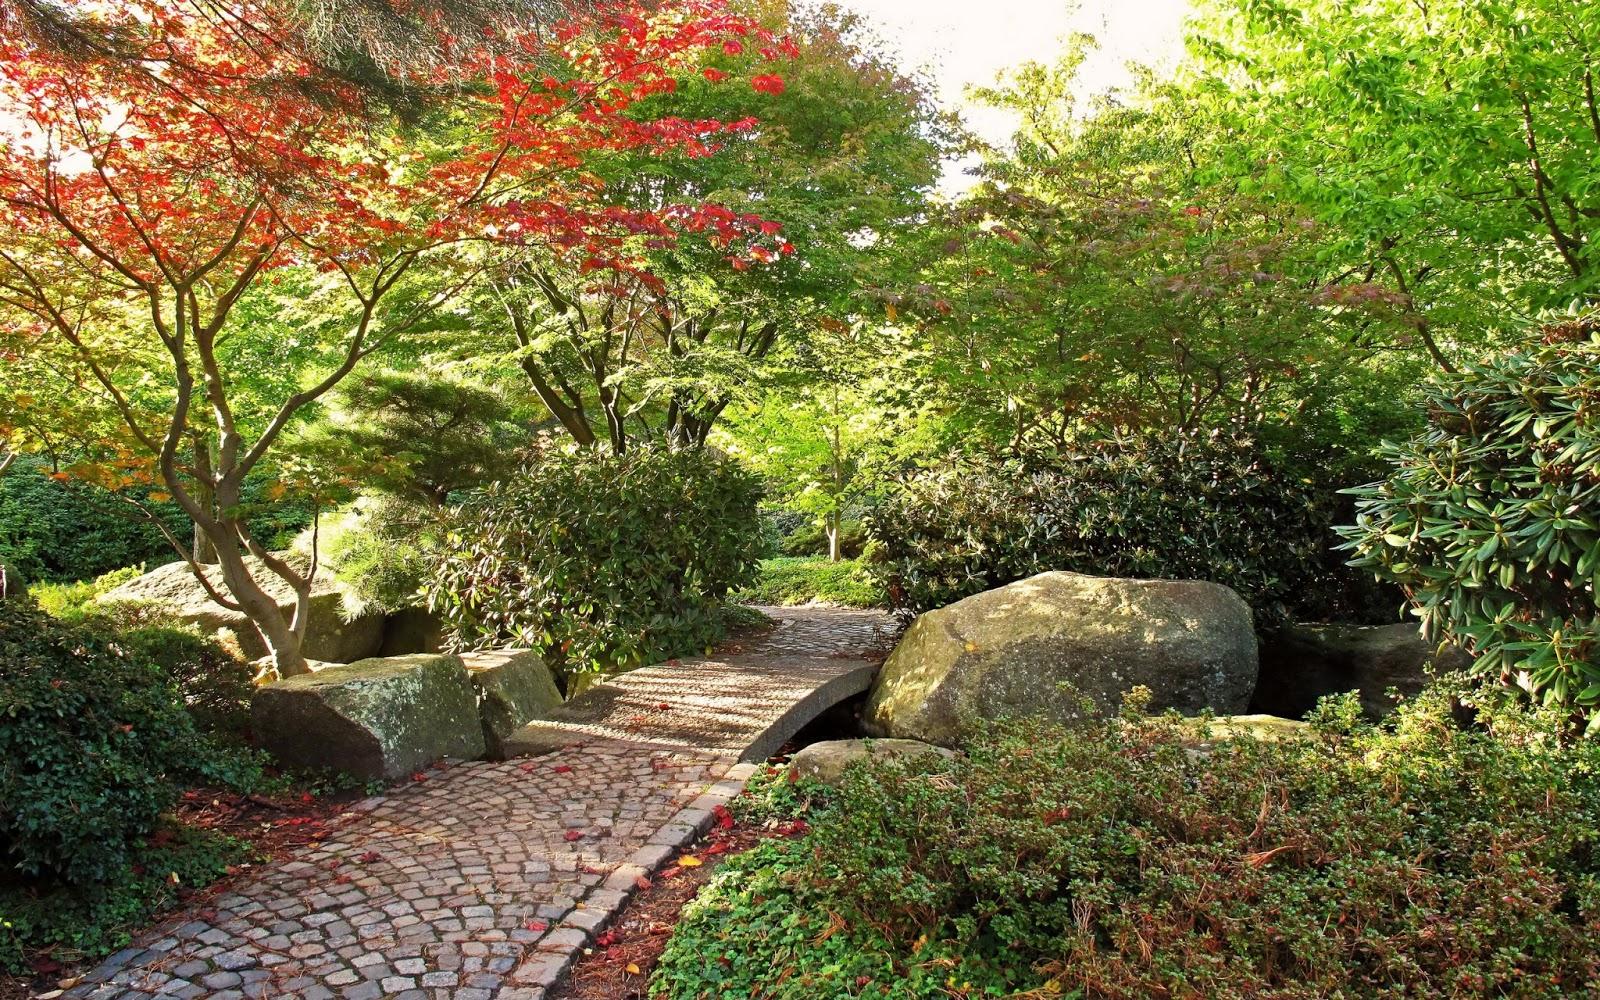 Caminando por un jard n bot nico fotos e im genes en for Jardin o jardin